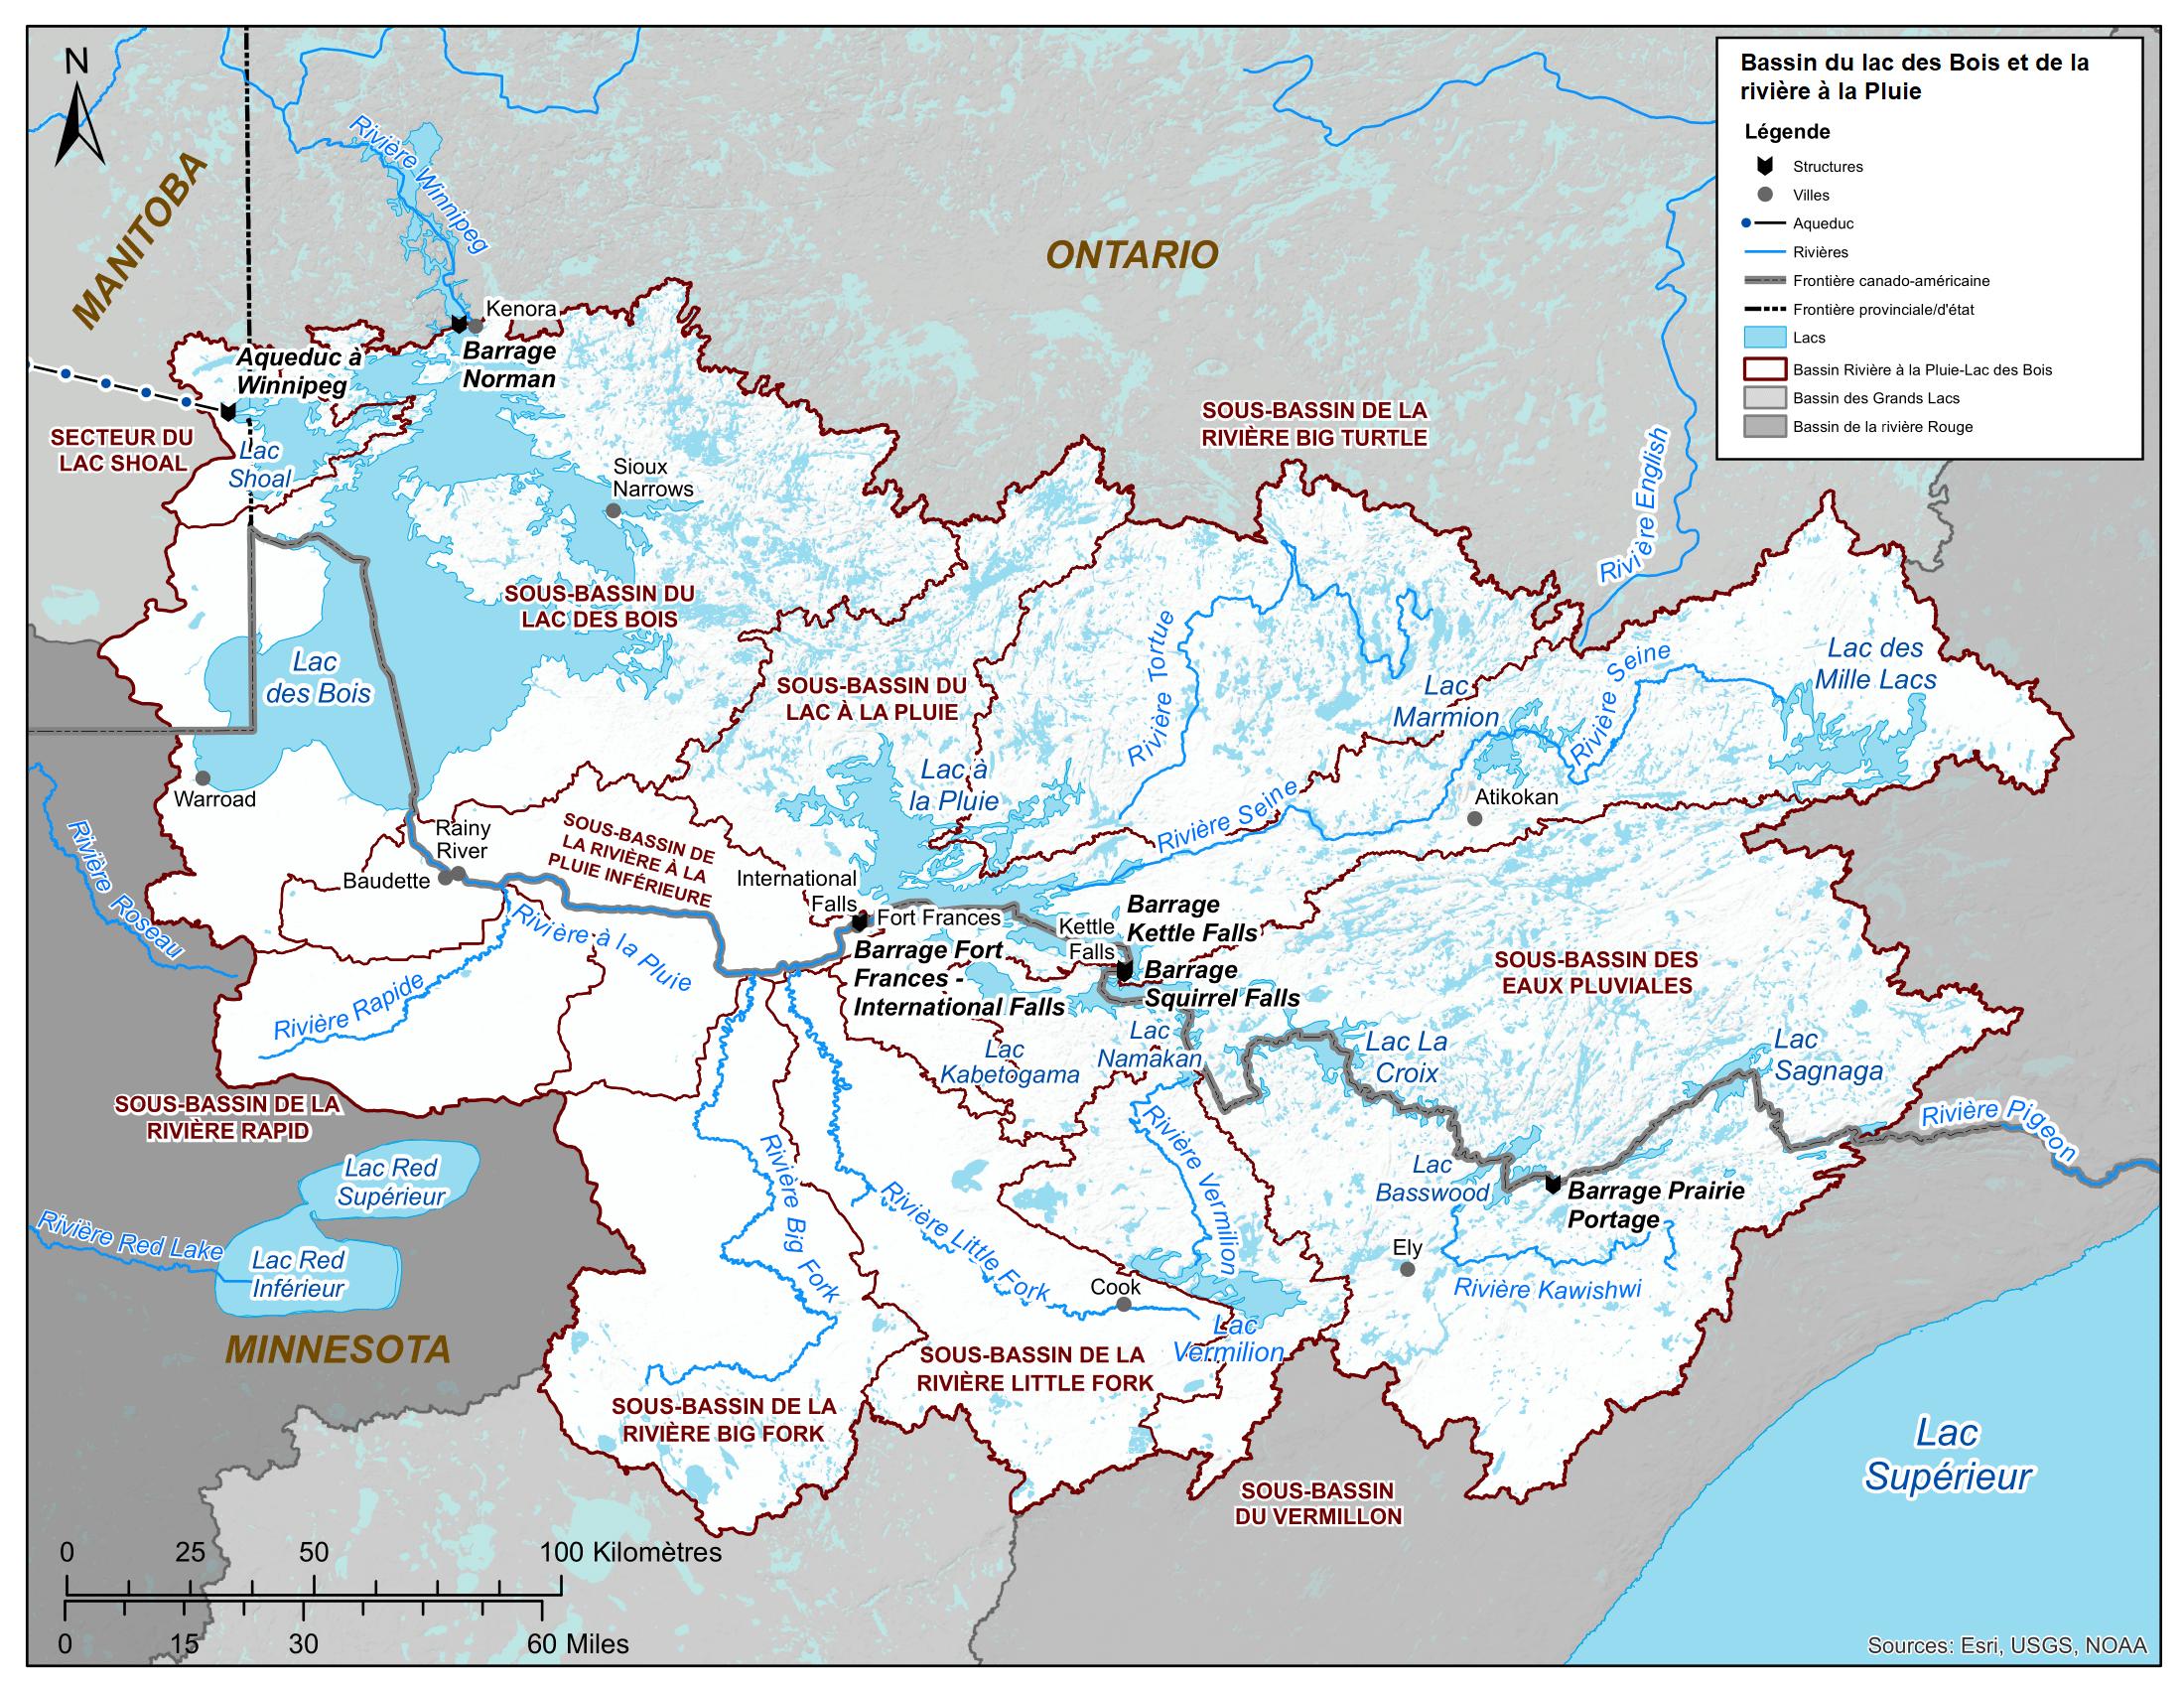 Lac des Bois et rivière à la Pluie1